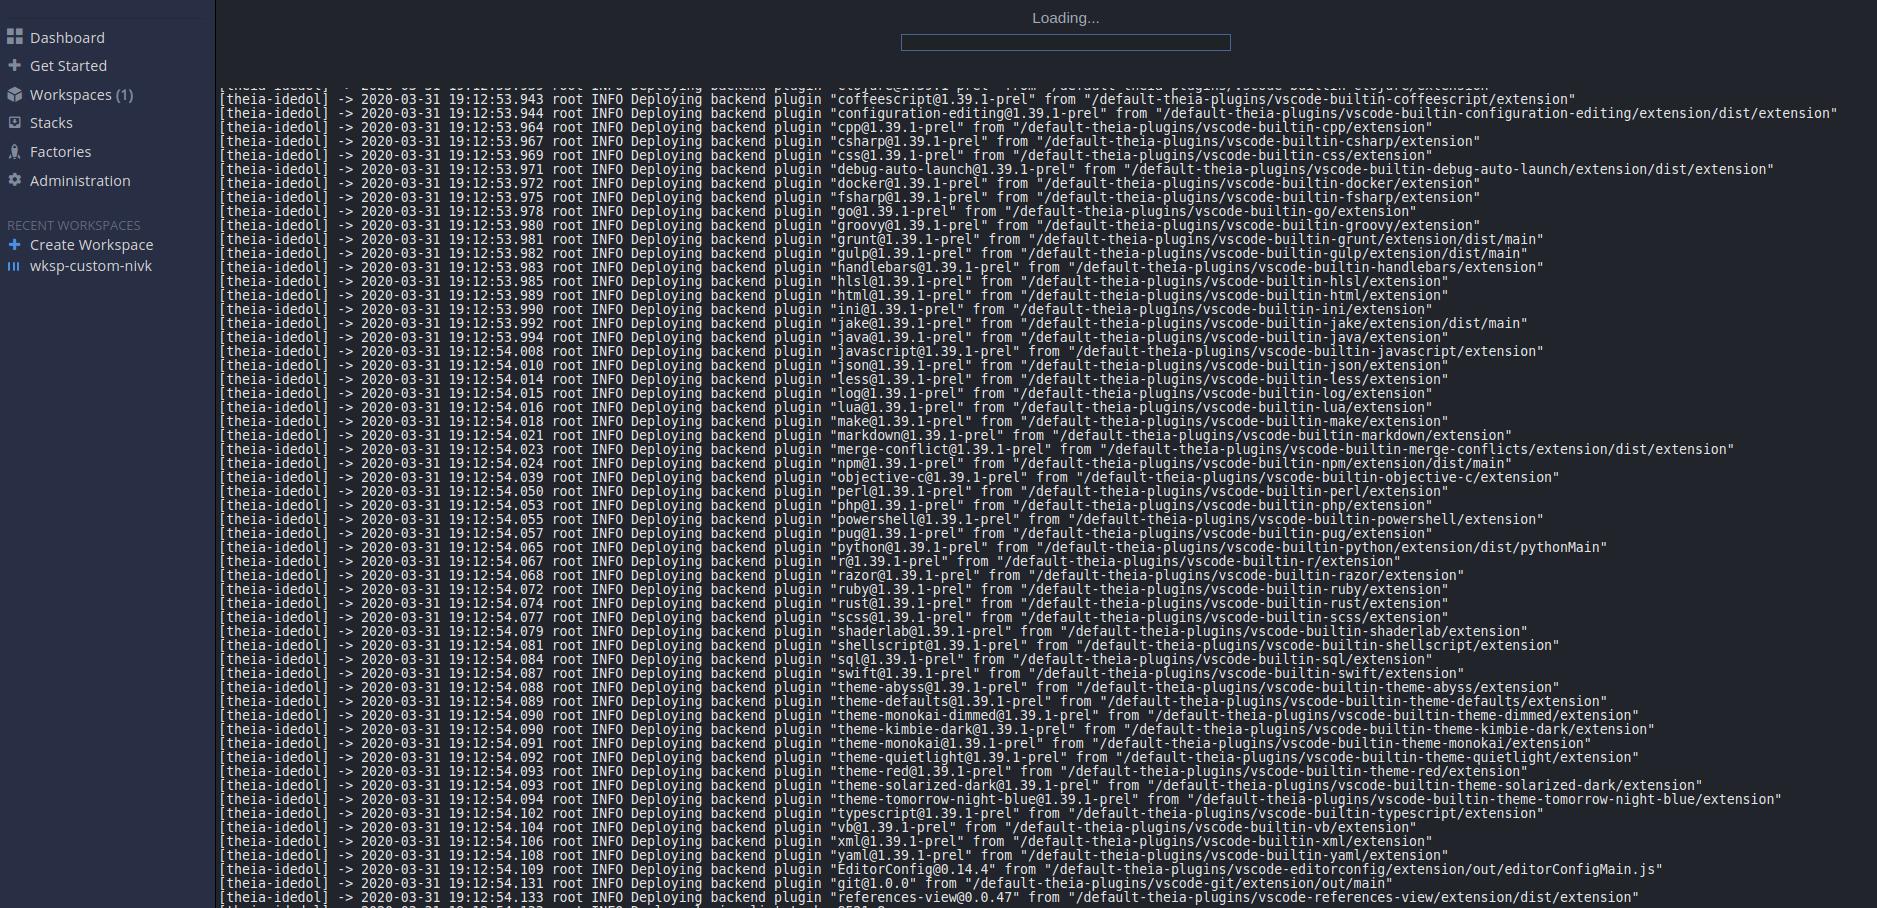 starting workspace debug logs